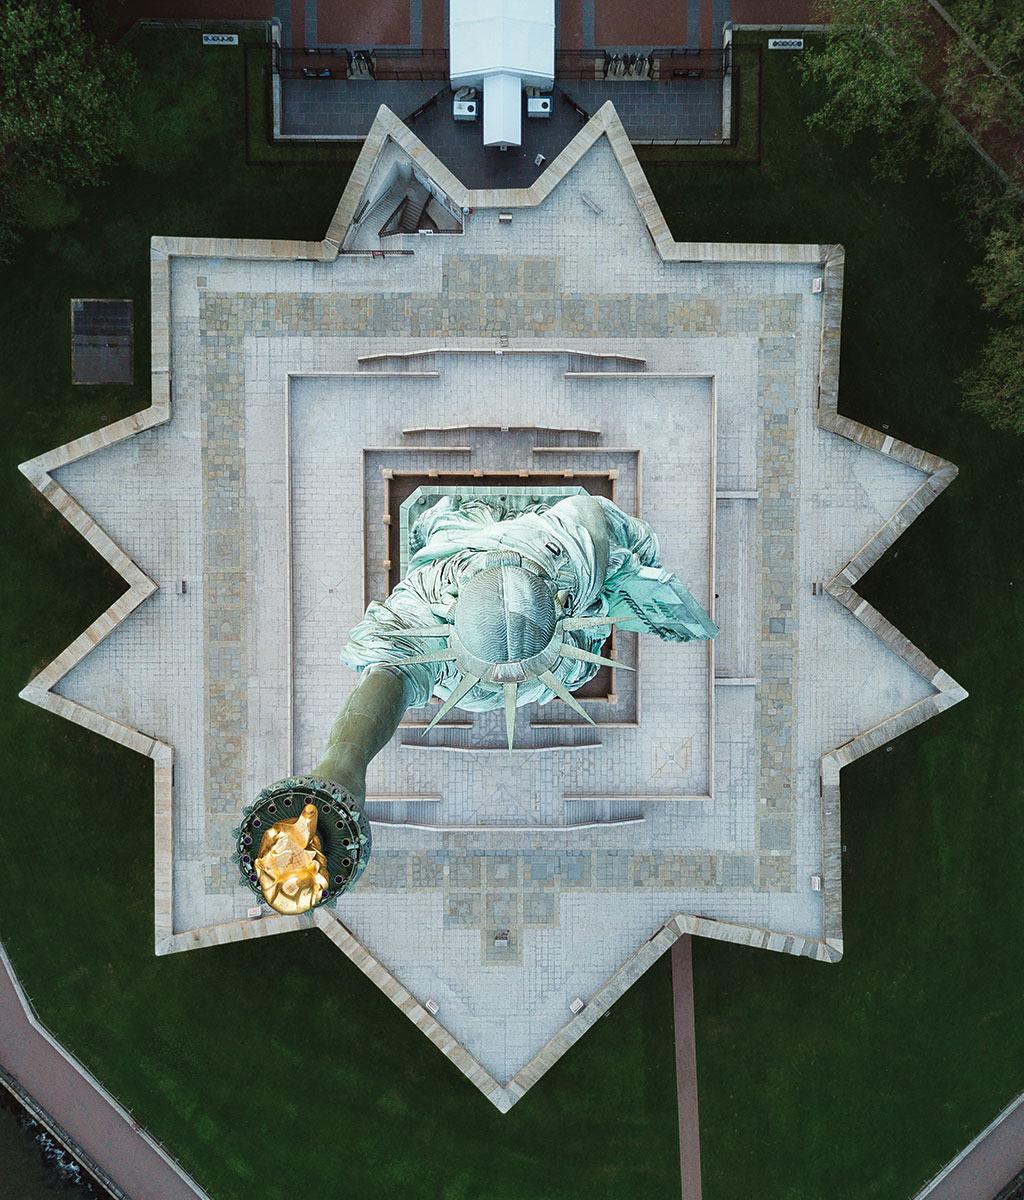 Фотограф снимает улицы Нью-Йорка с помощью дрона, и на это можно смотреть бесконечно